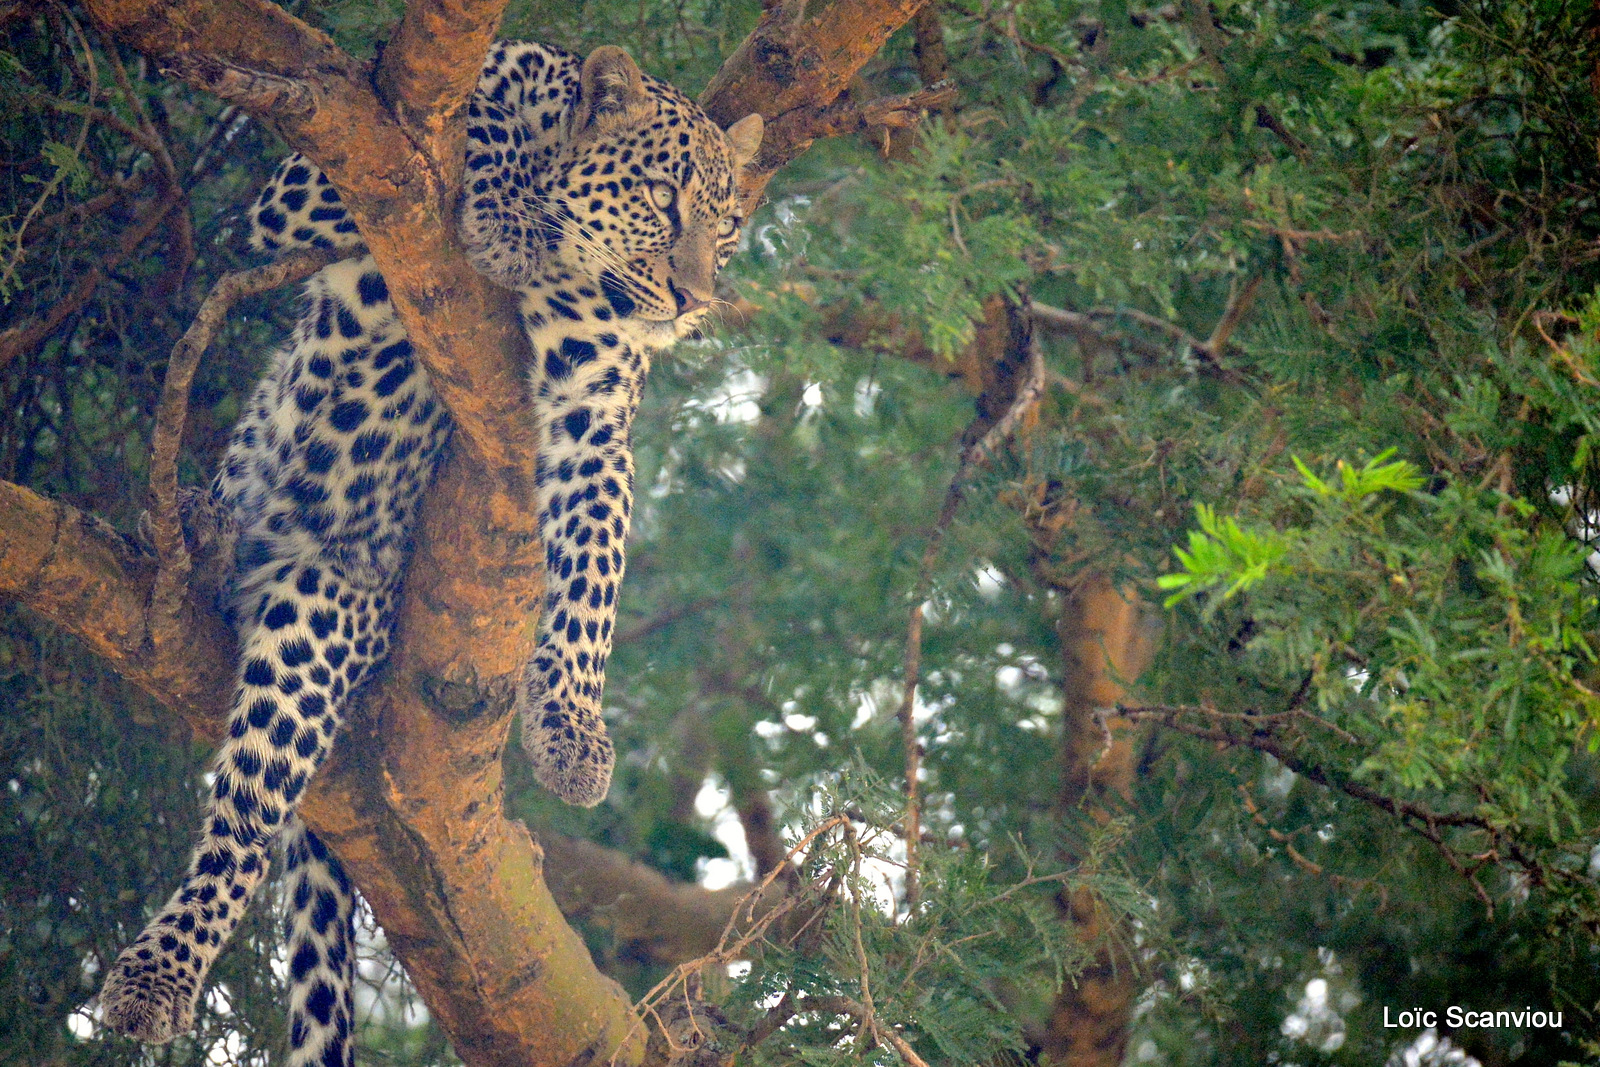 Léopard dans un arbre/Leopard on a tree (4)